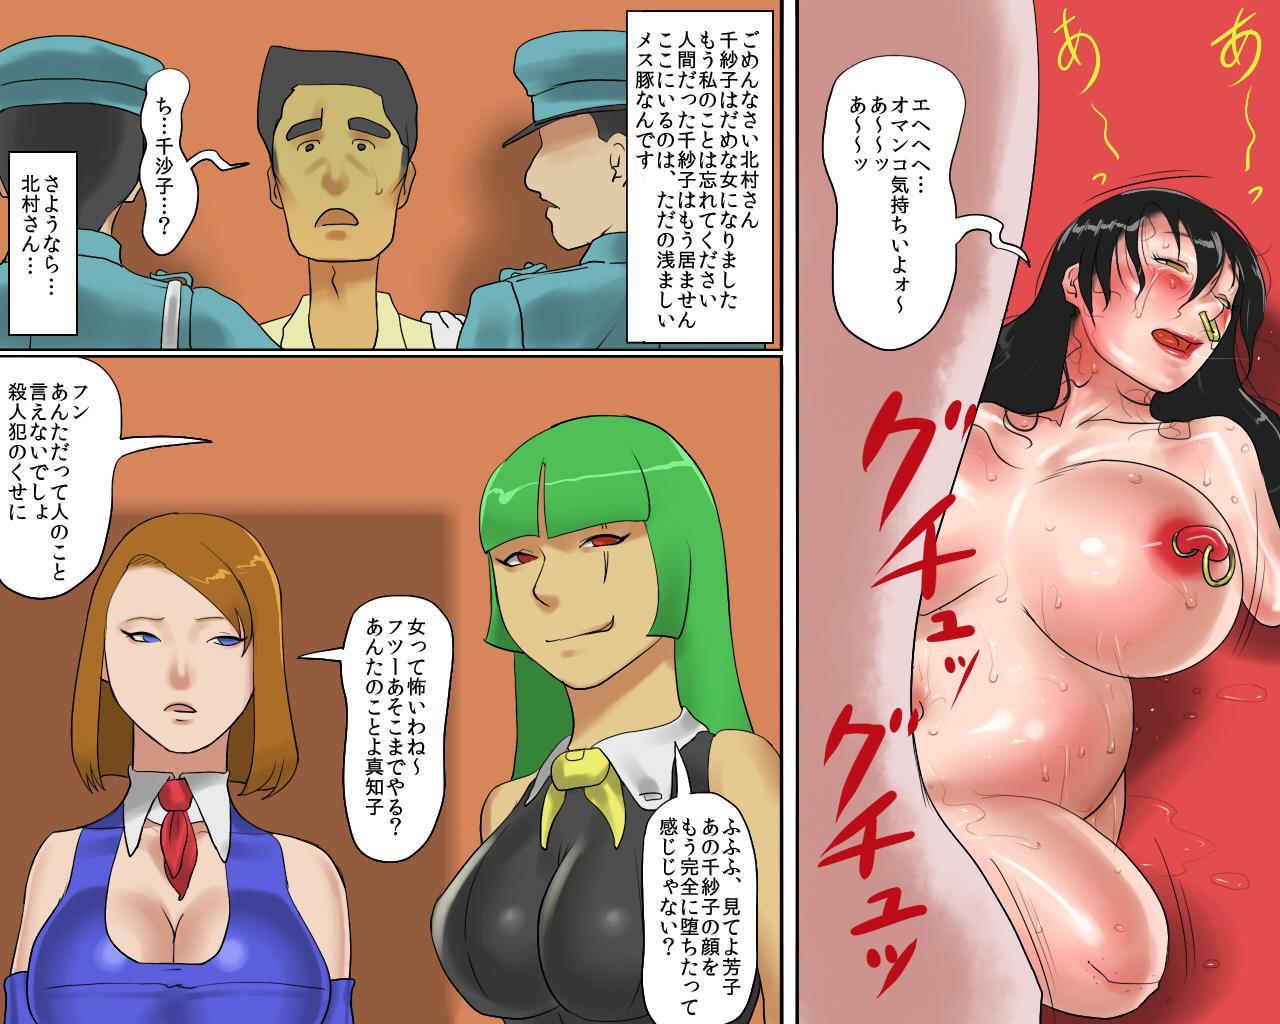 [Naya] Joshuu Fujin (Ge) Jikken Byoutou no Kachiku Mesu Fujin 34